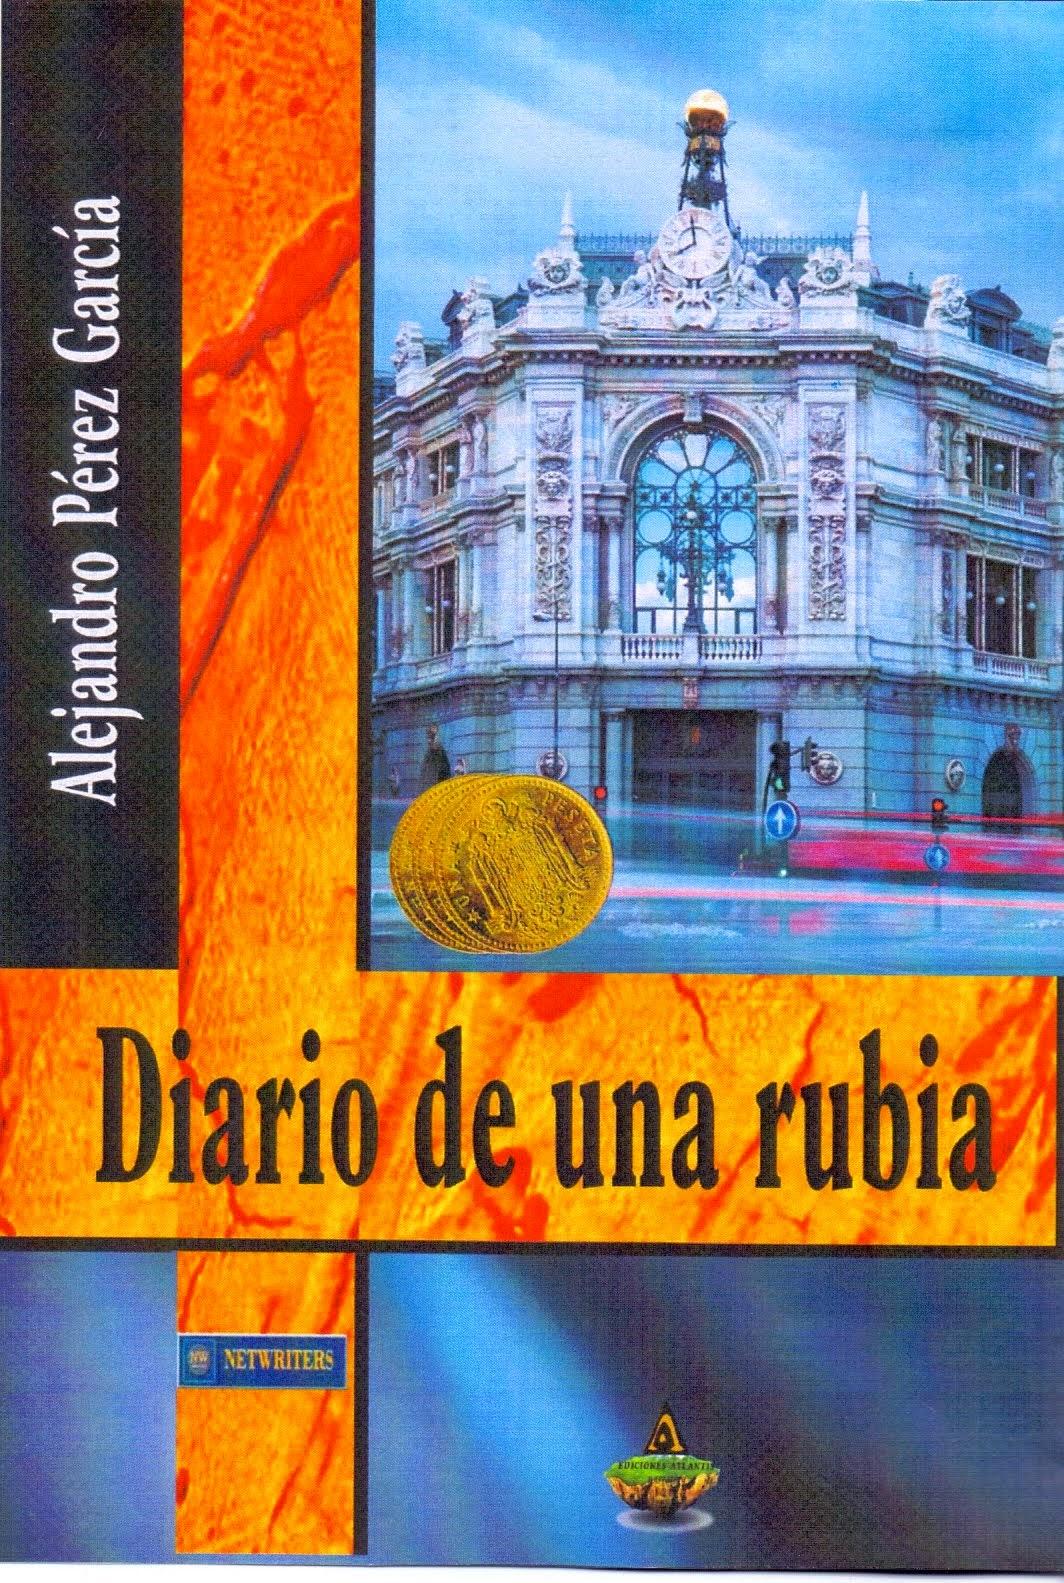 MI ÚLTIMO LIBRO (Clic en la foto).